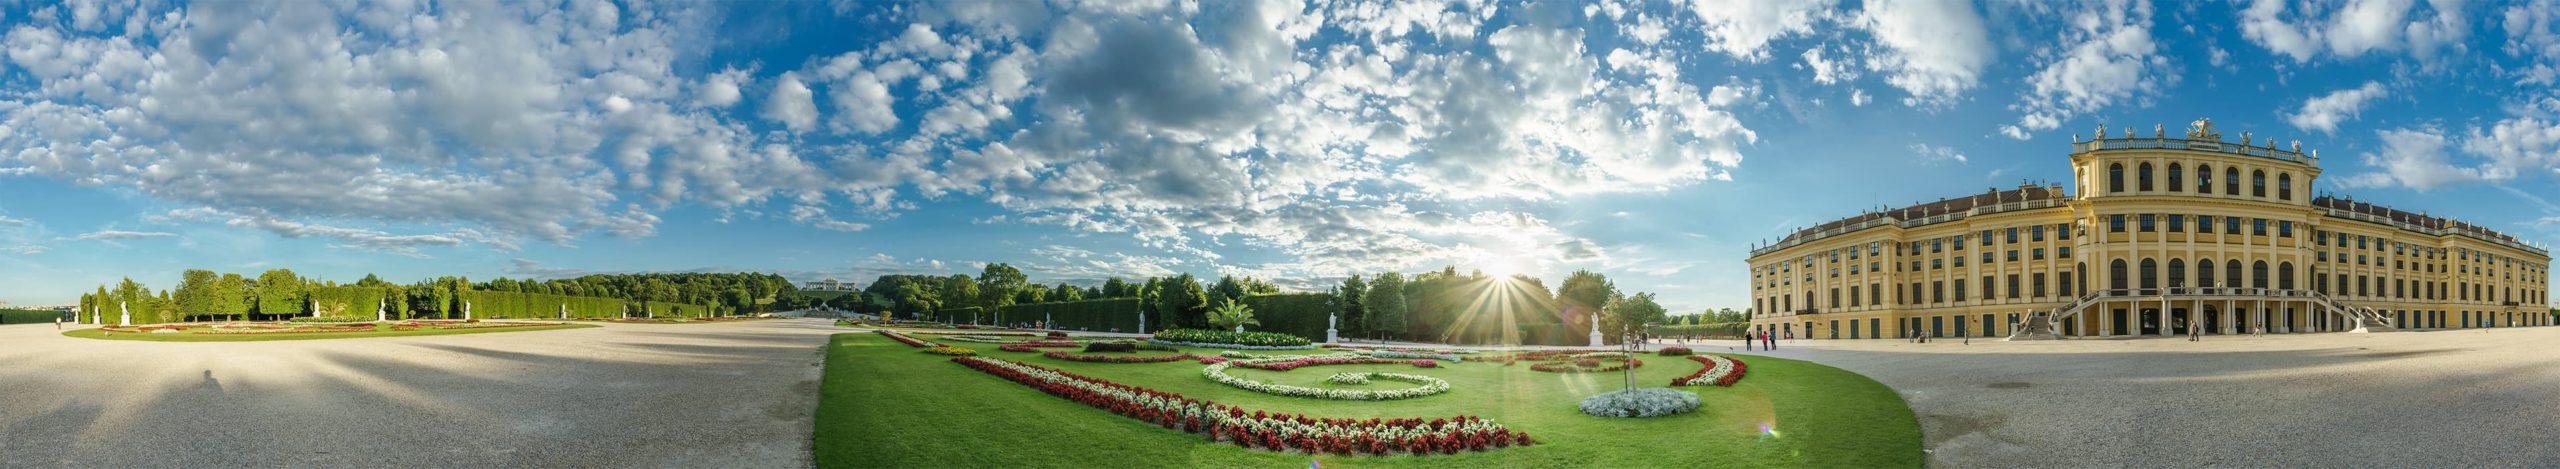 wien-panorama-schoenbrunn